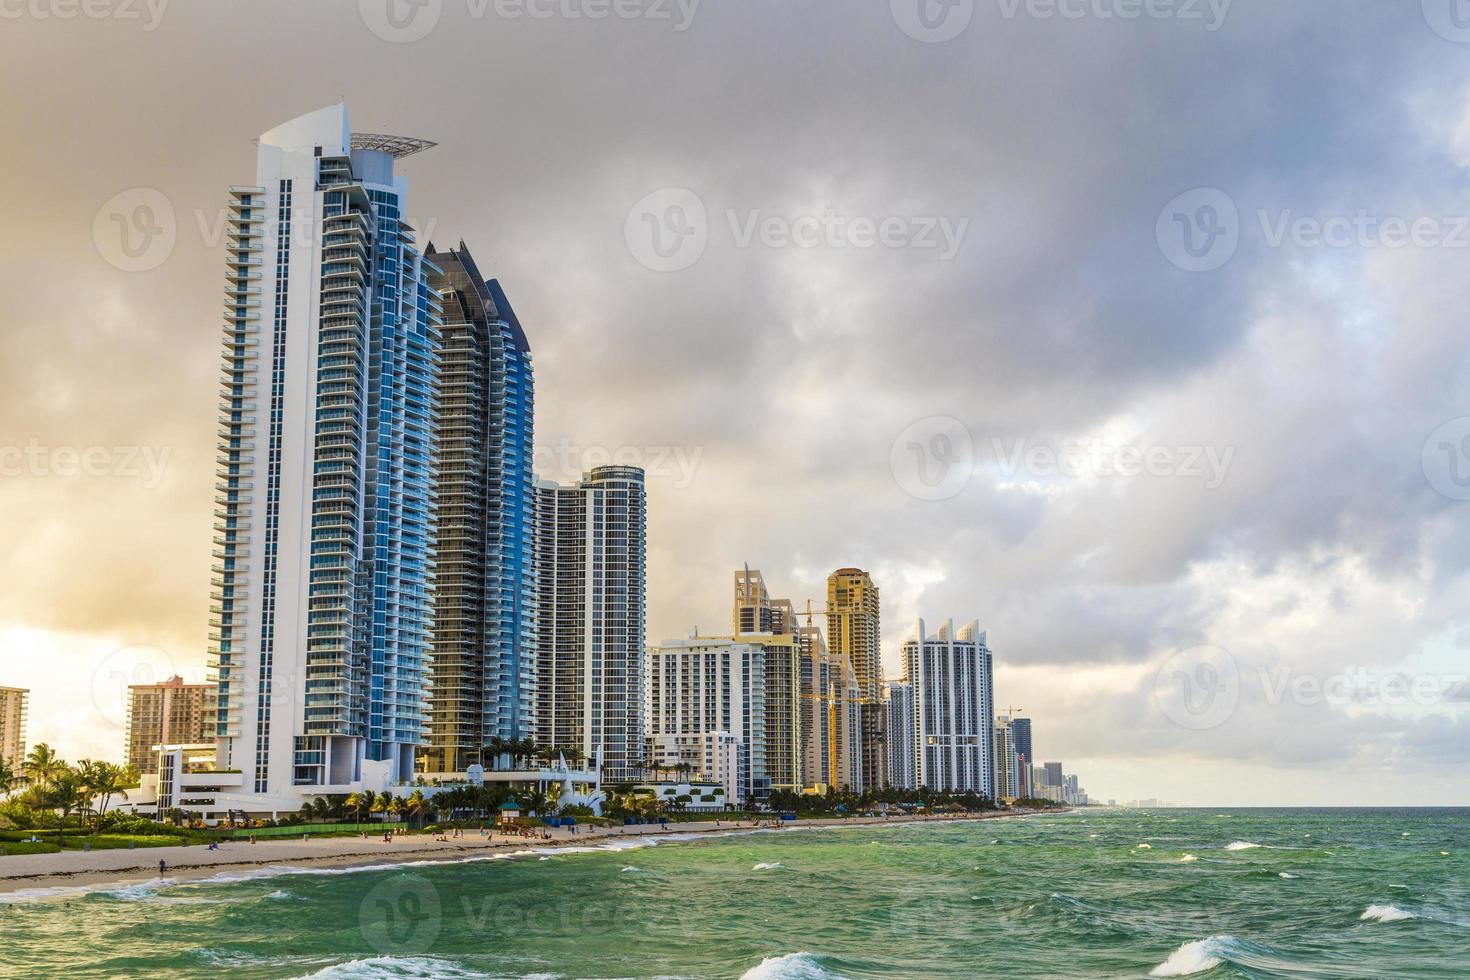 Wolkenkratzer am Strand der sonnigen Inseln in Miami foto